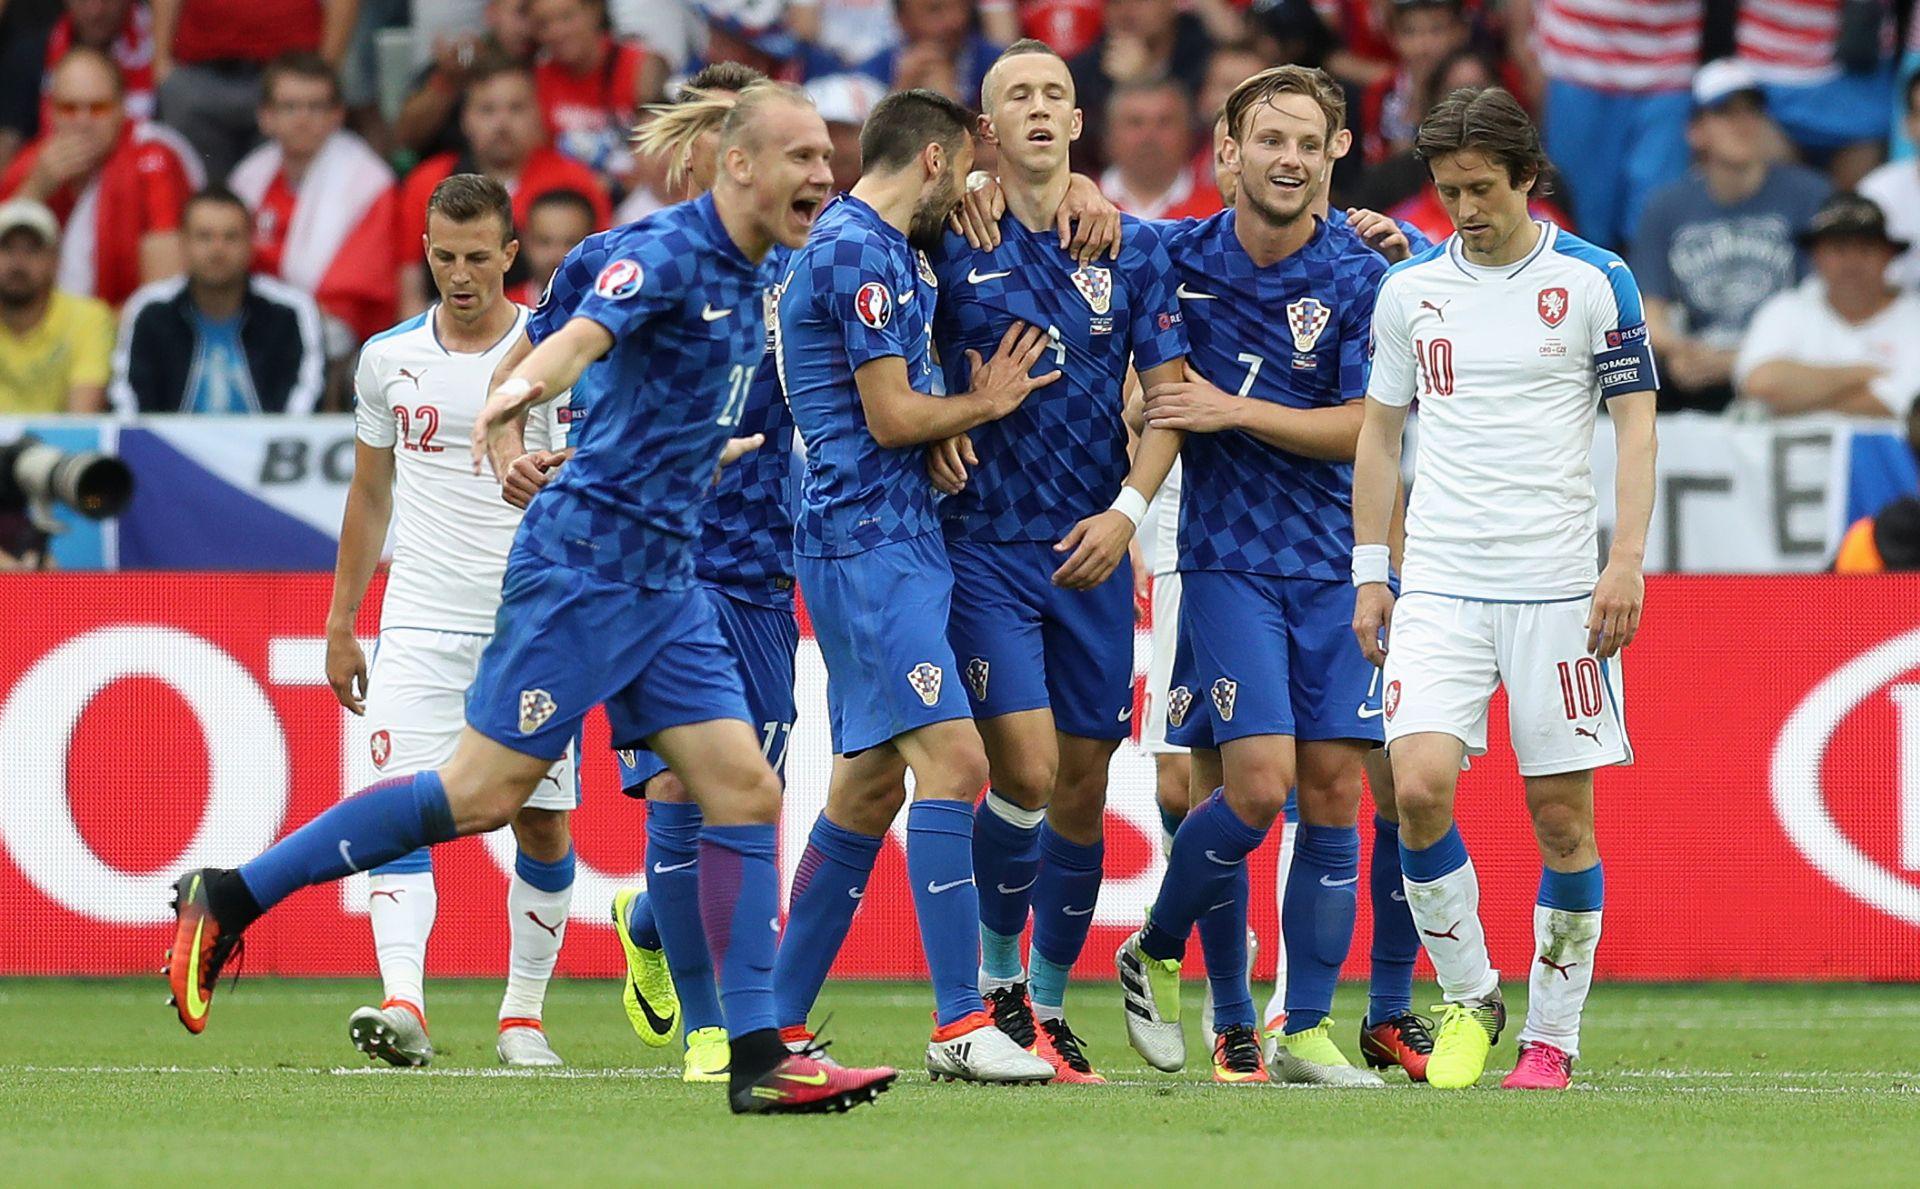 ČETIRI OD ČETIRI Hrvatska uvijek uspješna u dodatnim kvalifikacijama